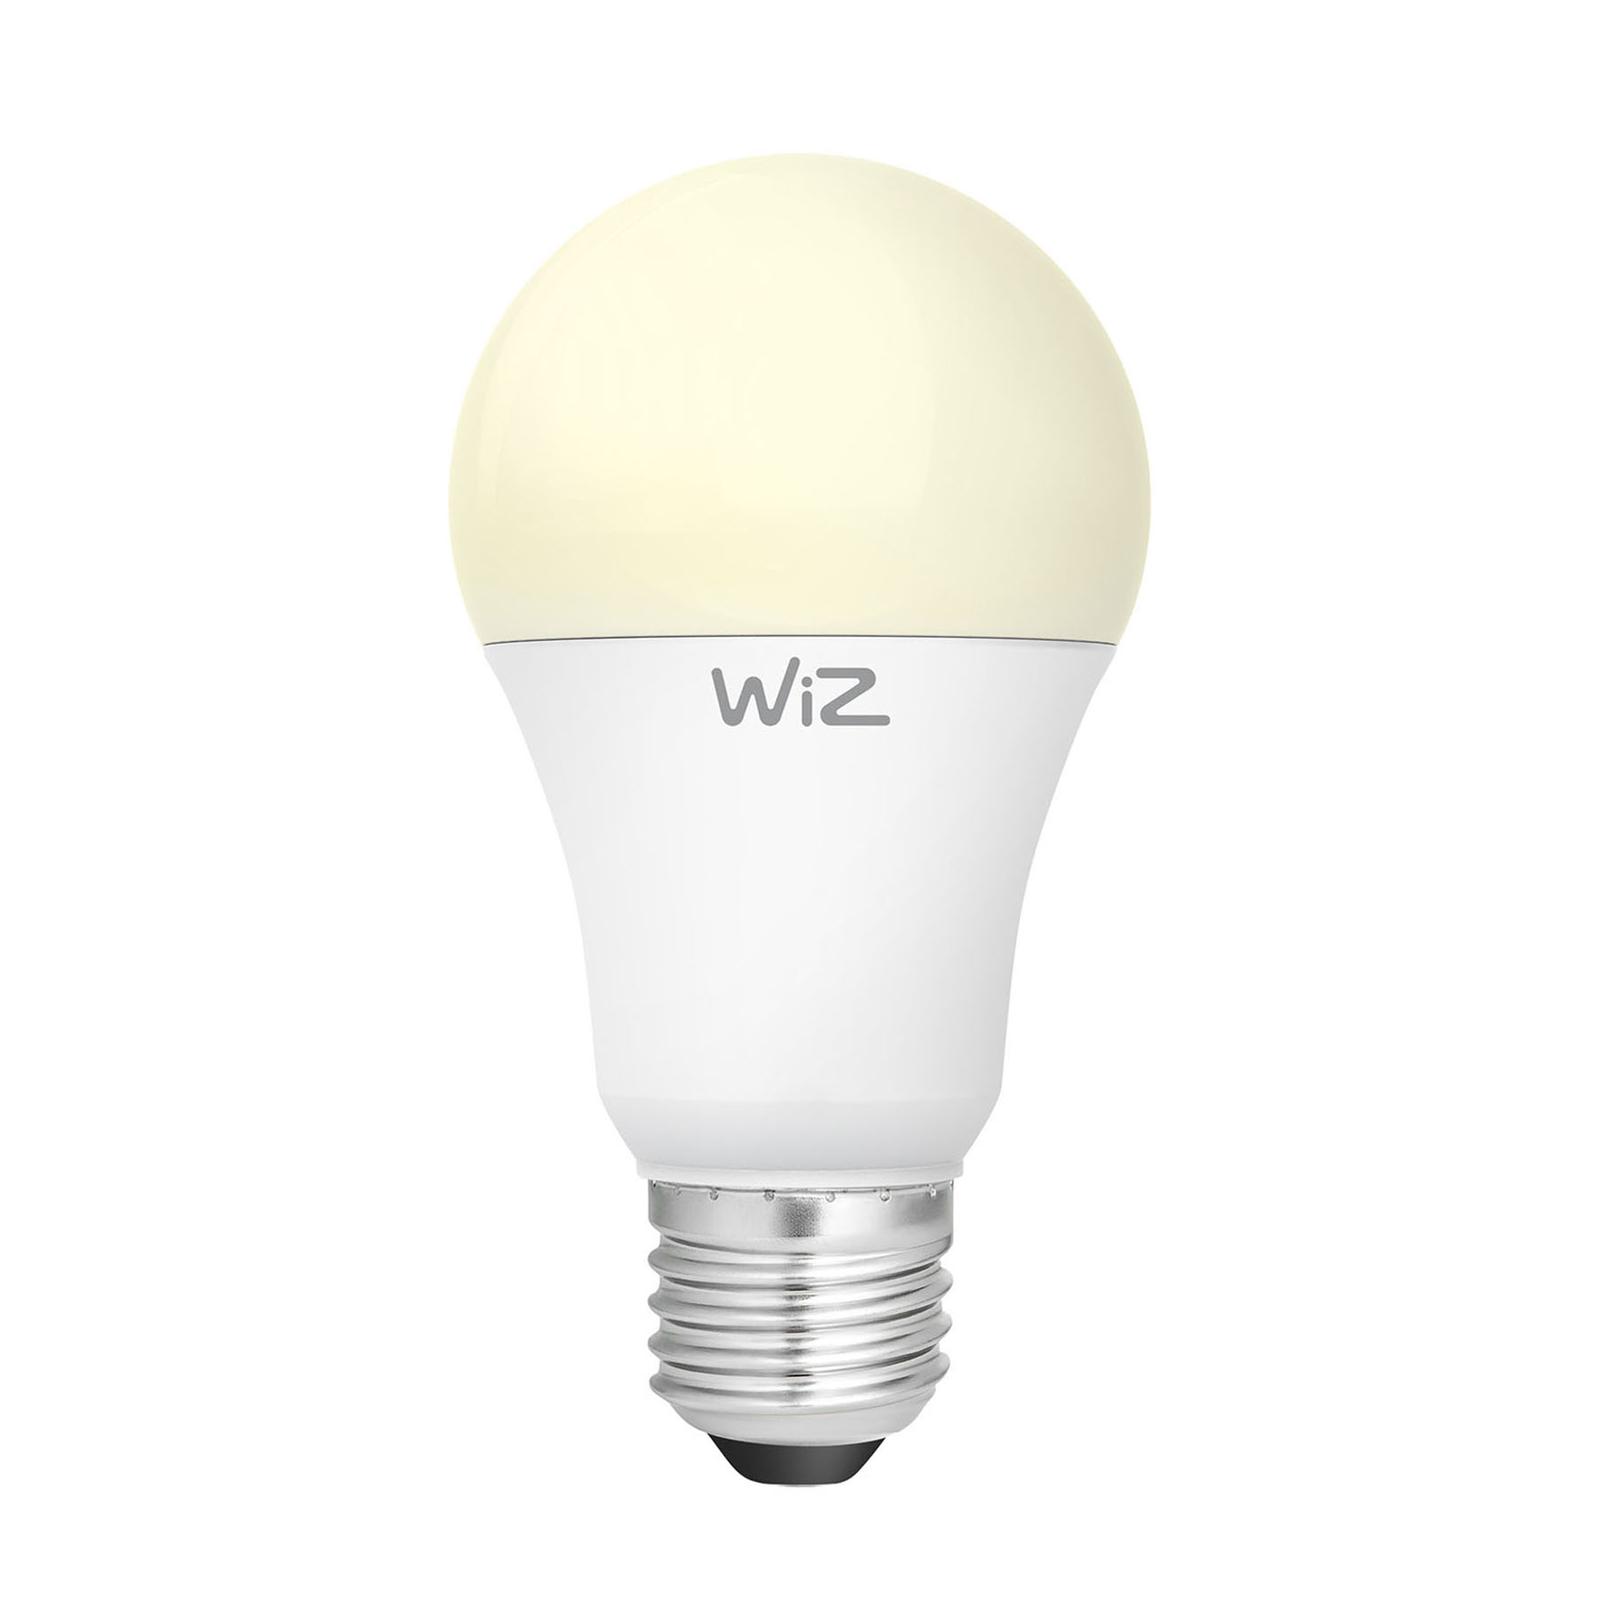 WiZ E27 ampoule LED poire A60 mate 9W 2700K